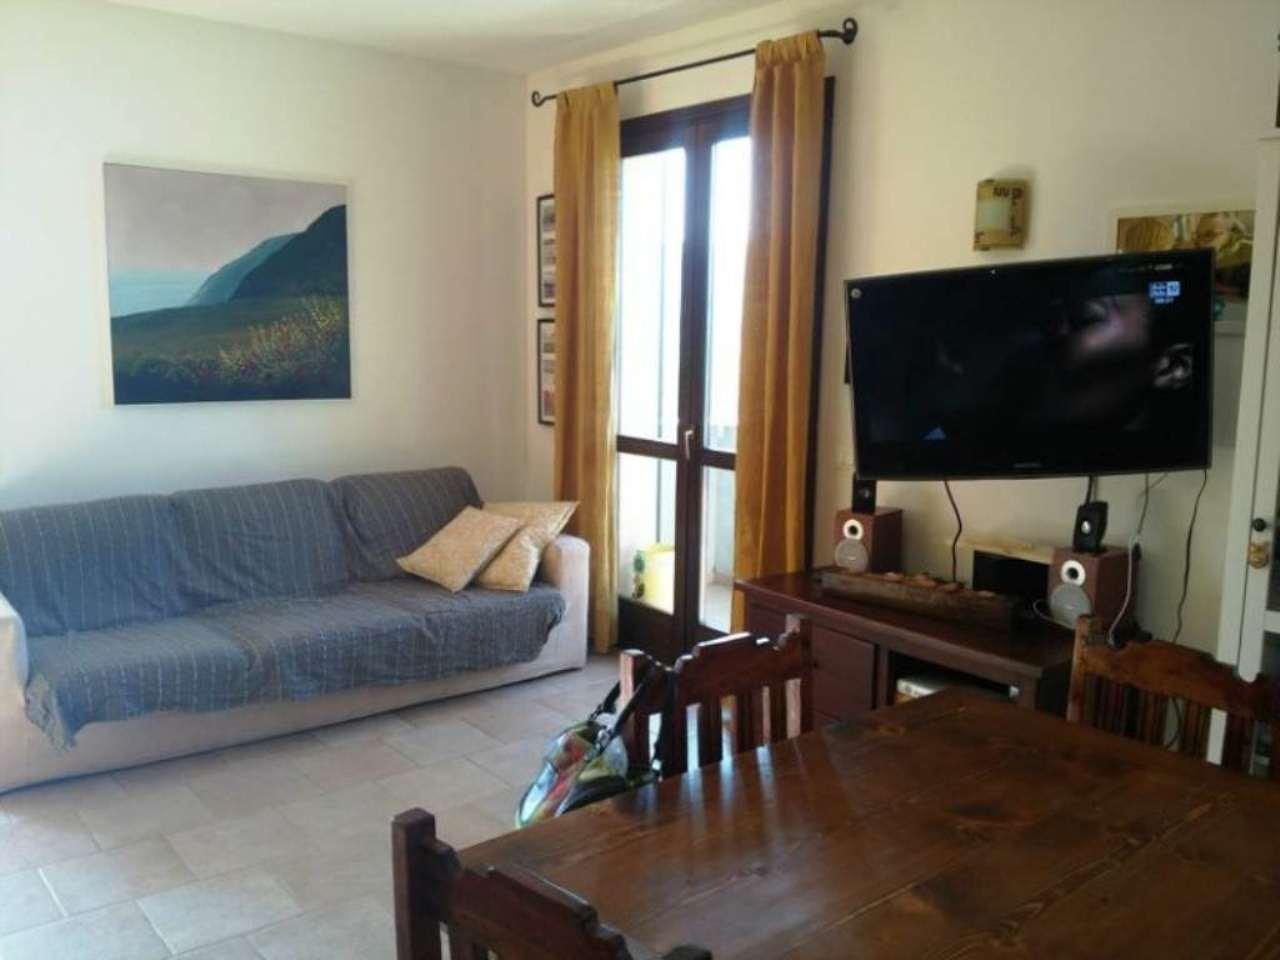 Appartamento in vendita a Polverigi, 3 locali, prezzo € 175.000 | Cambio Casa.it